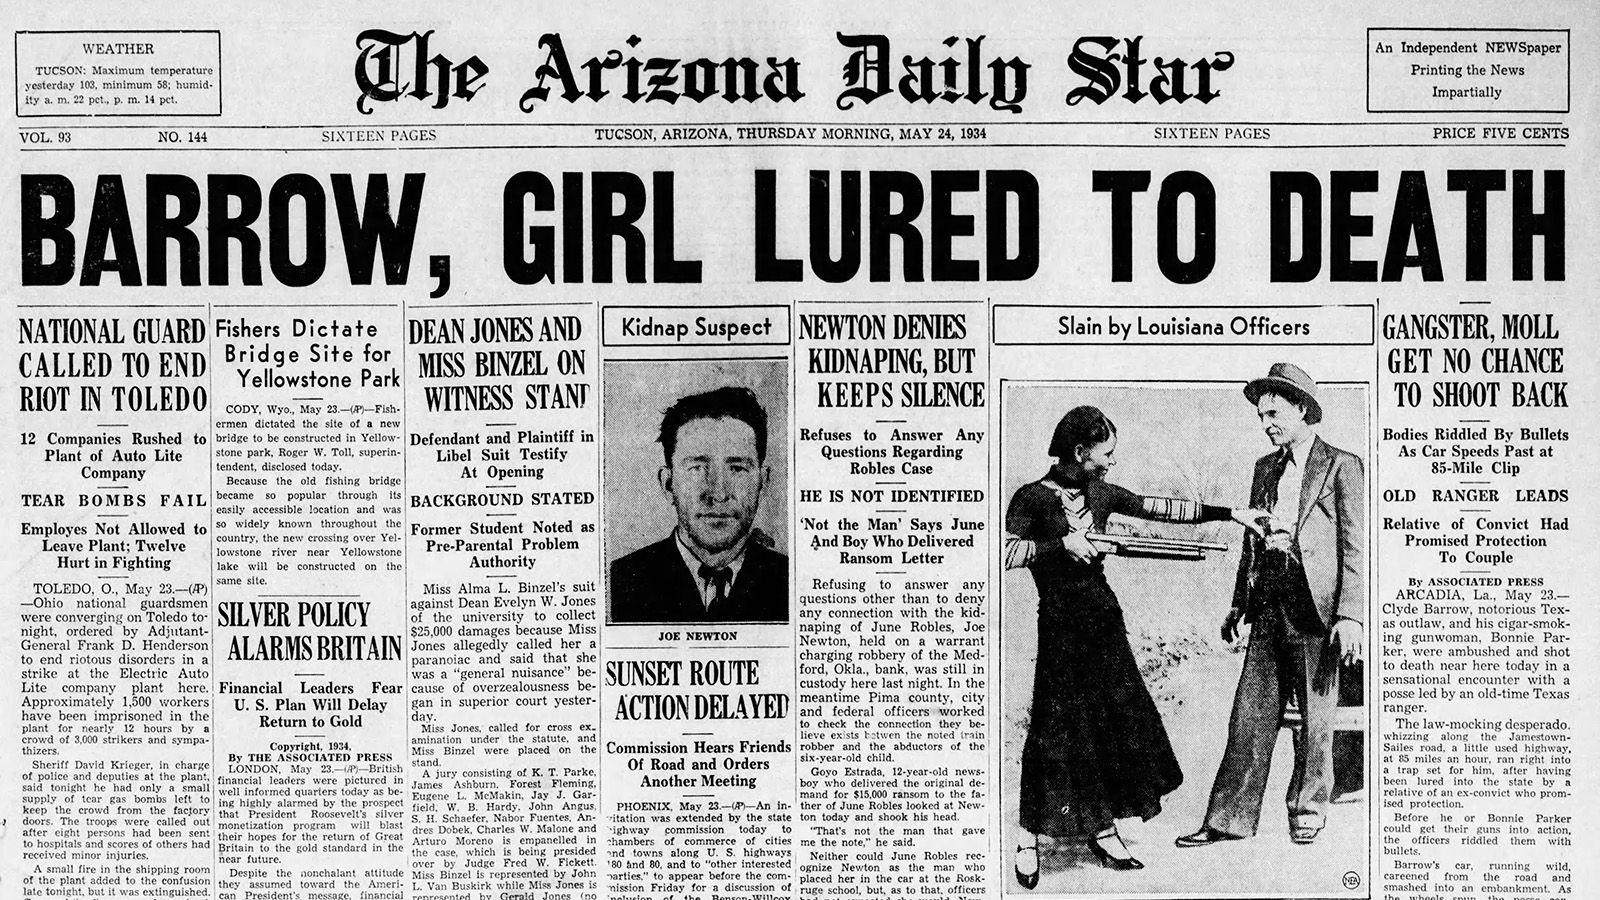 Arizona Daily Star Front Page May 24 1934